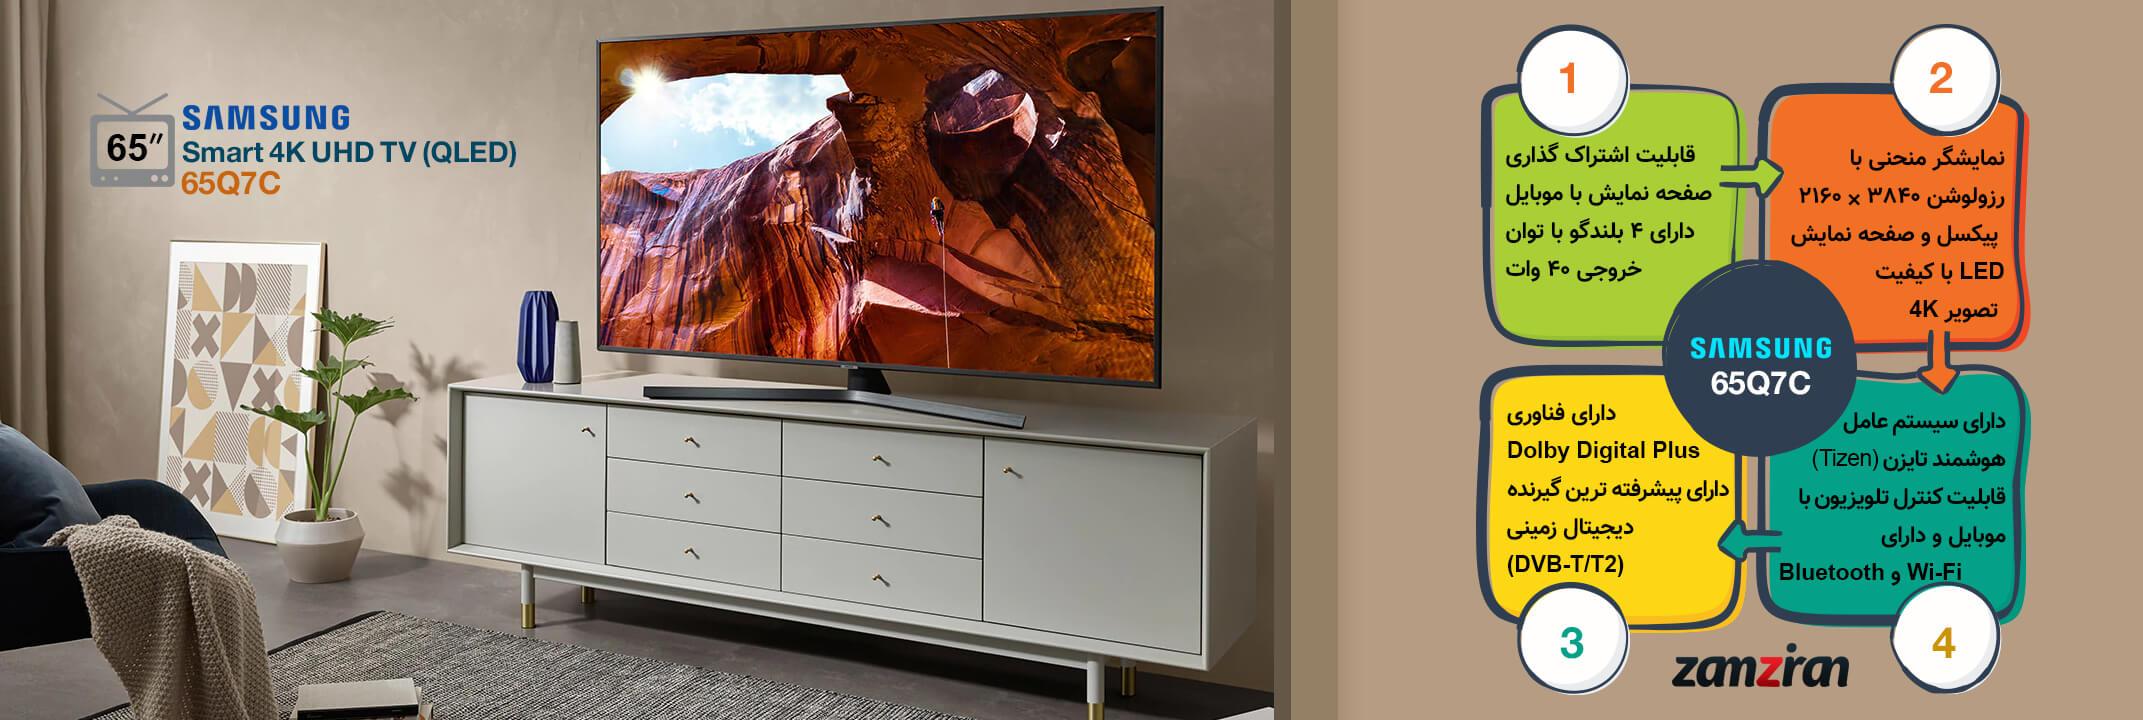 اینفوگرافی تلویزیون 65 اینچ سامسونگ Q7C